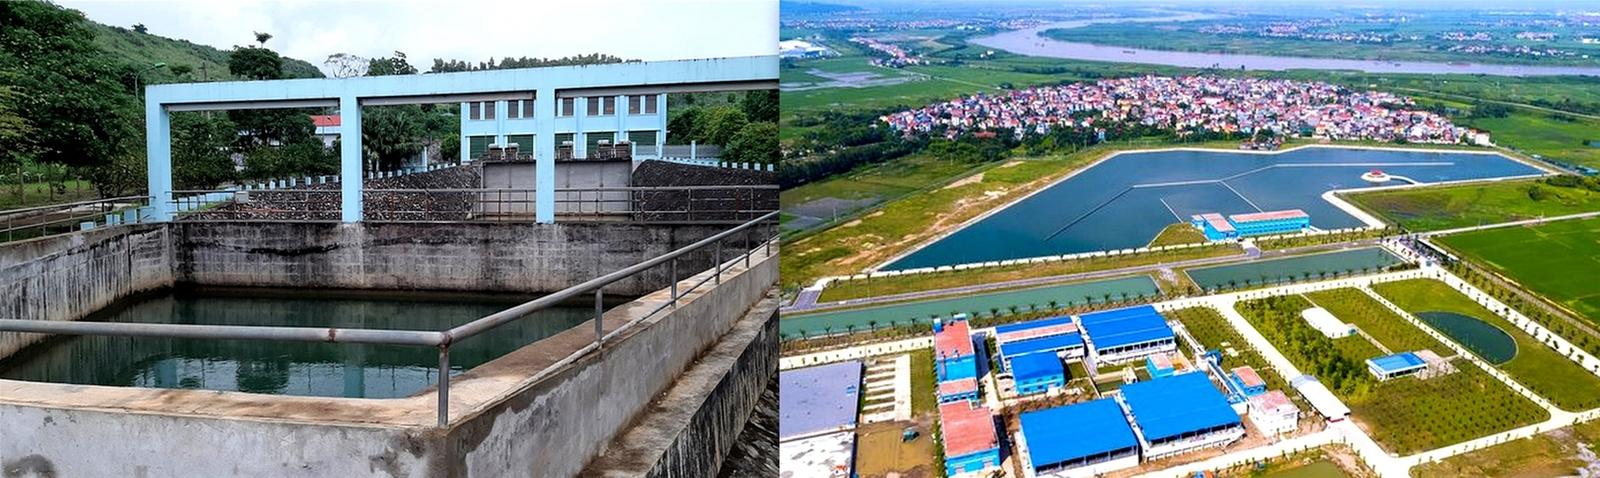 Nước sạch cho Hà Nội: Cần xóa bỏ độc quyền!